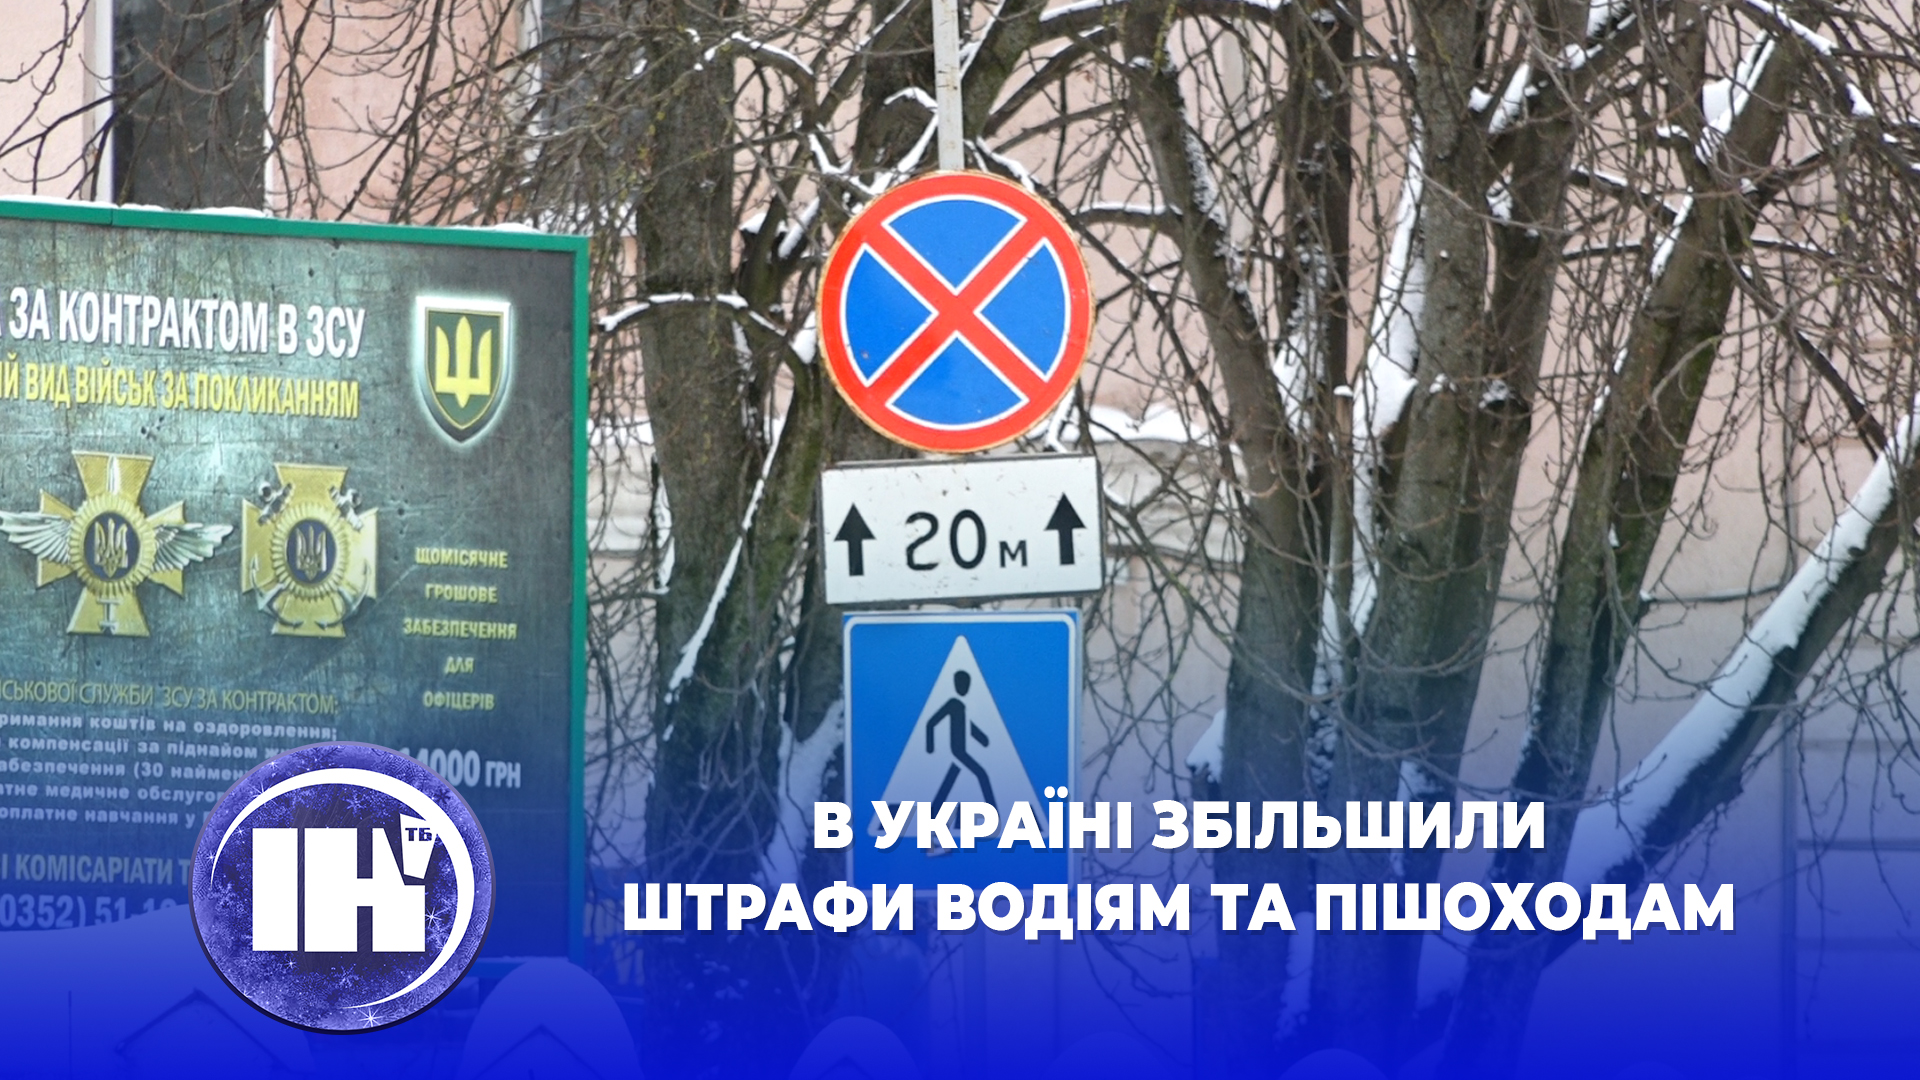 В Україні збільшили штрафи водіям та пішоходам